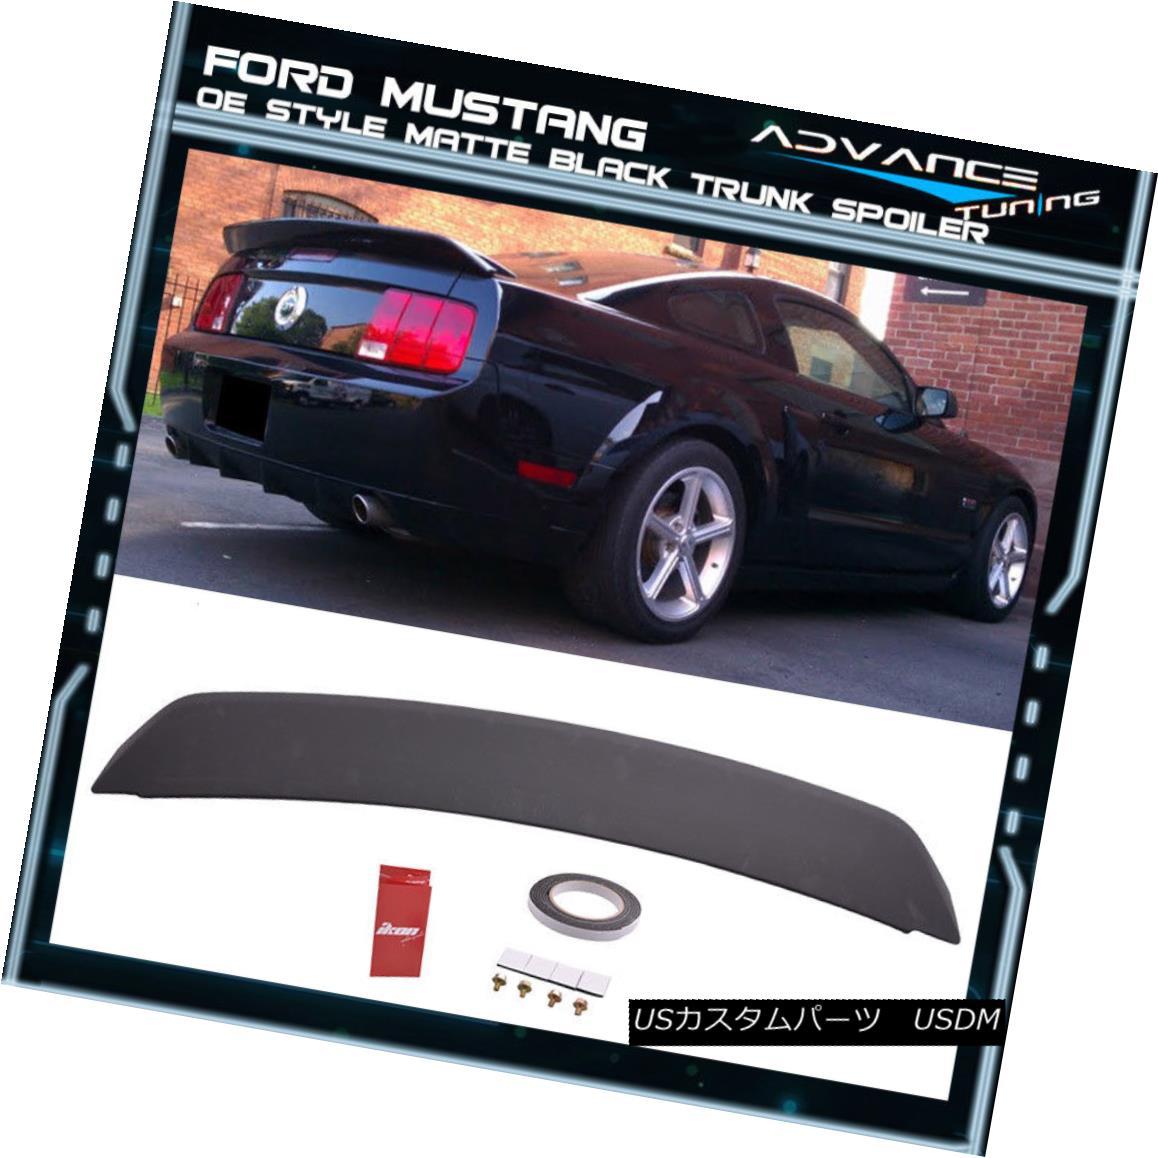 エアロパーツ 05-09 Ford Mustang OE Style Painted Matte Black Trunk Spoiler - ABS 05-09フォードマスタングOEスタイル塗装マットブラックトランクスポイラー - ABS